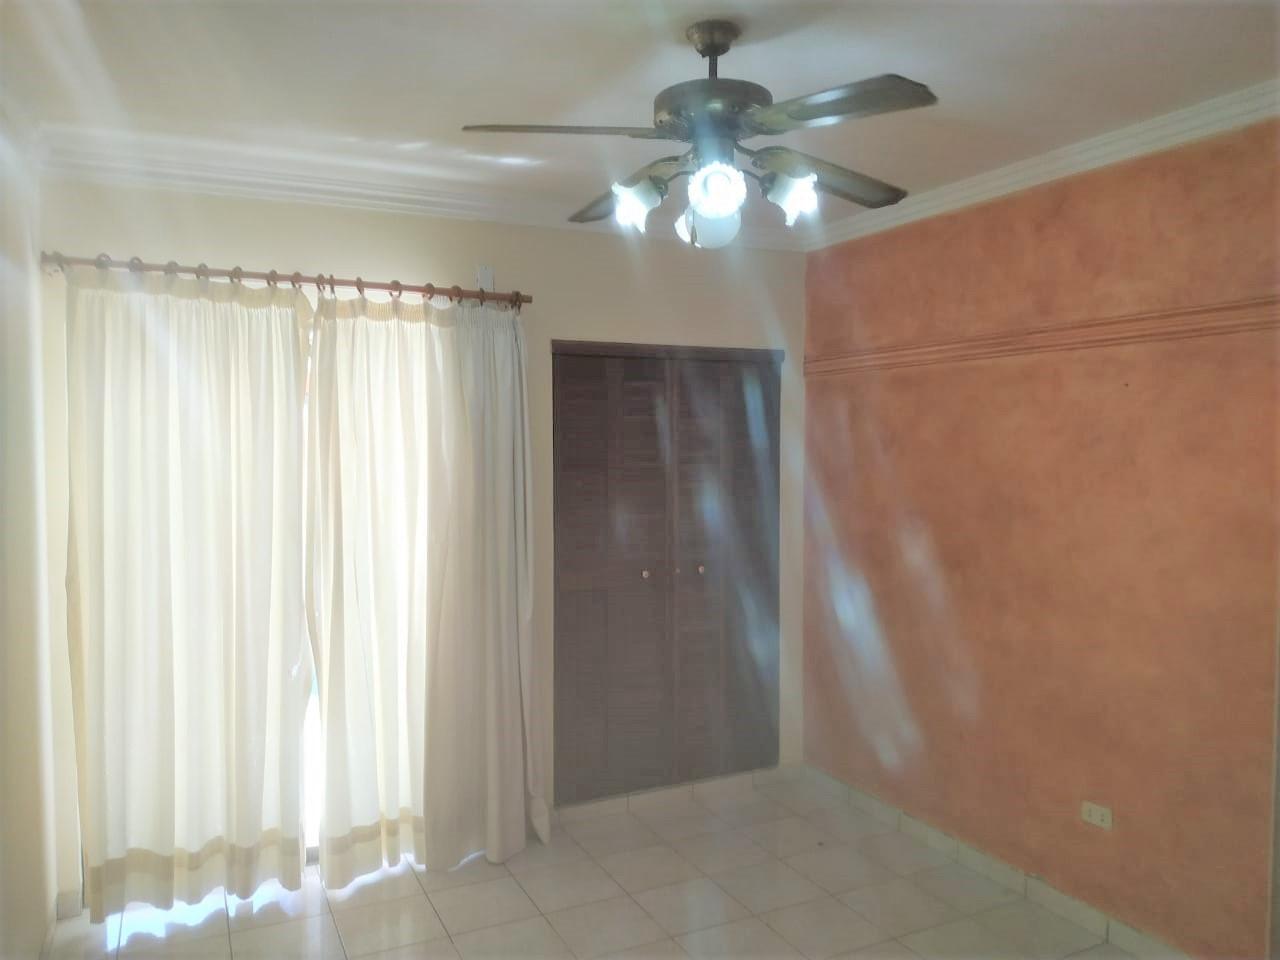 Casa en Alquiler COND LOS BOSQUES ENTRE 4TO  Y 5TO ANILLO RADIAL 26, CASA EN ALQUILER Foto 10